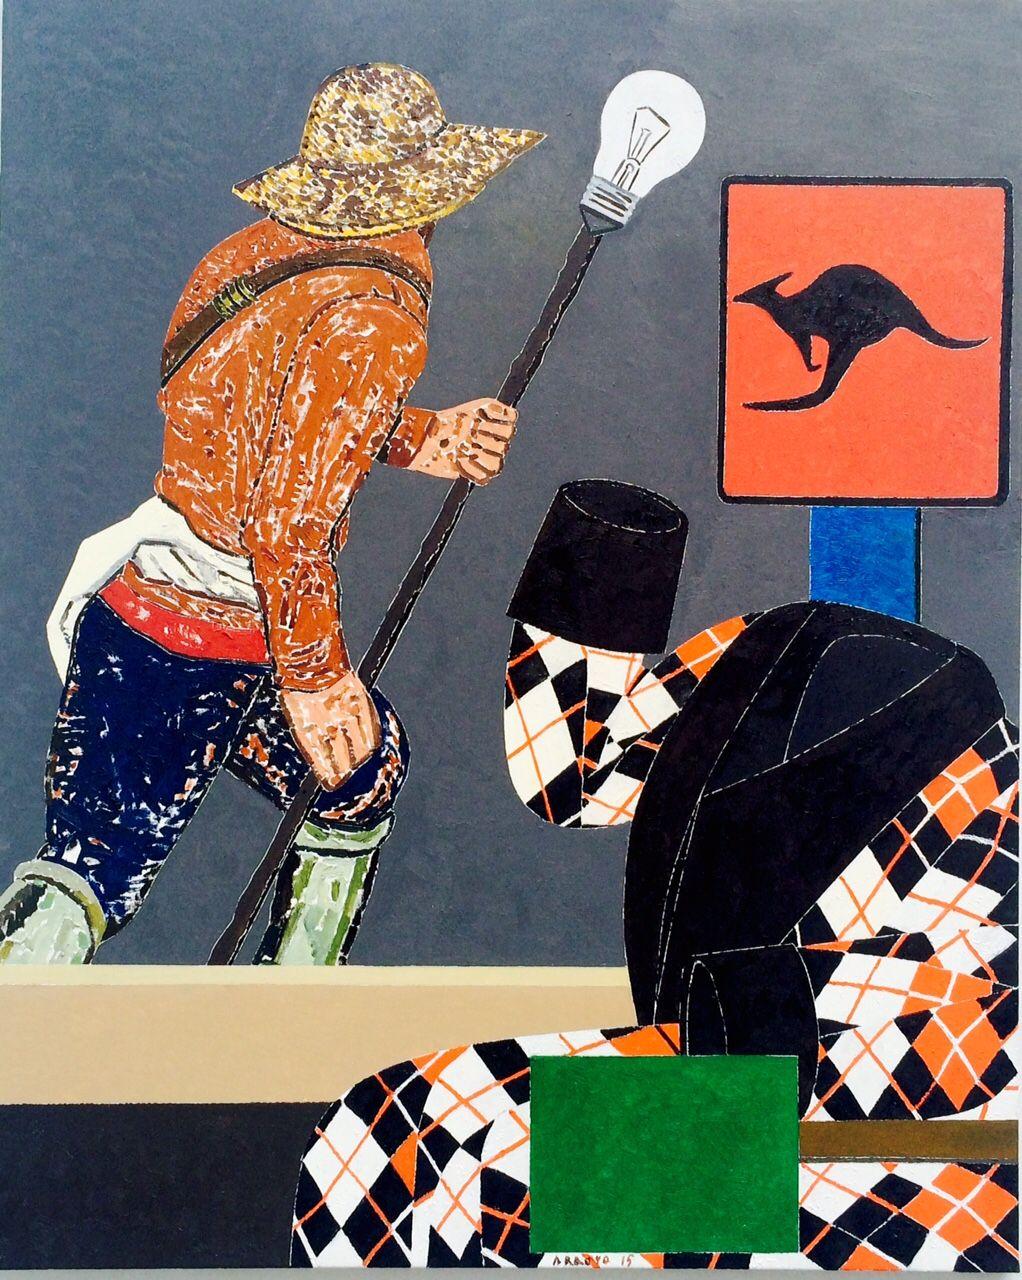 Eduardo Arroyo  Art Paris Art Fair 2017 - Paris Grand Palais 75008